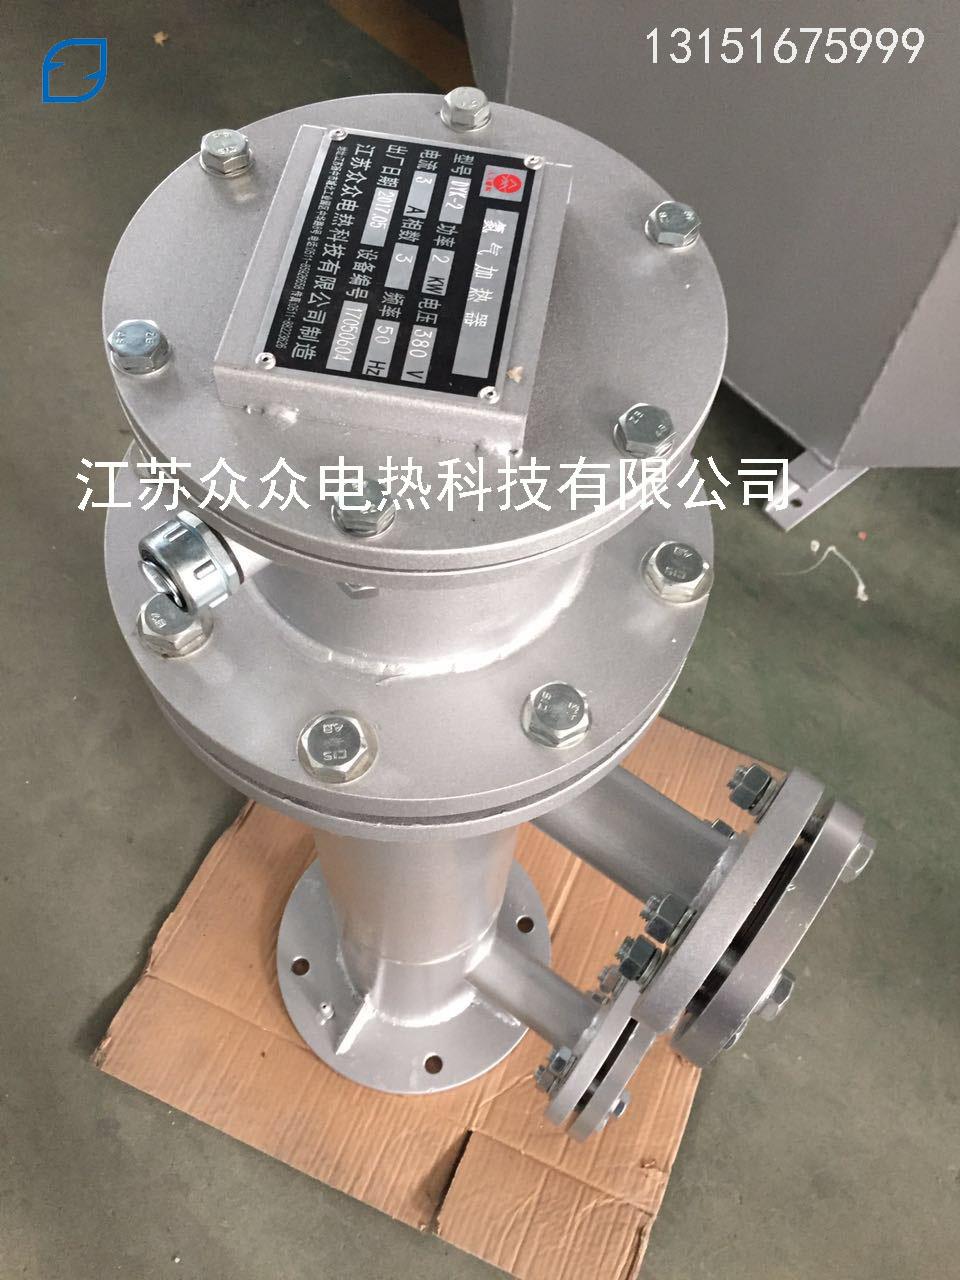 江苏众众氮气电加热器 管道空气加热器厂家非标定制